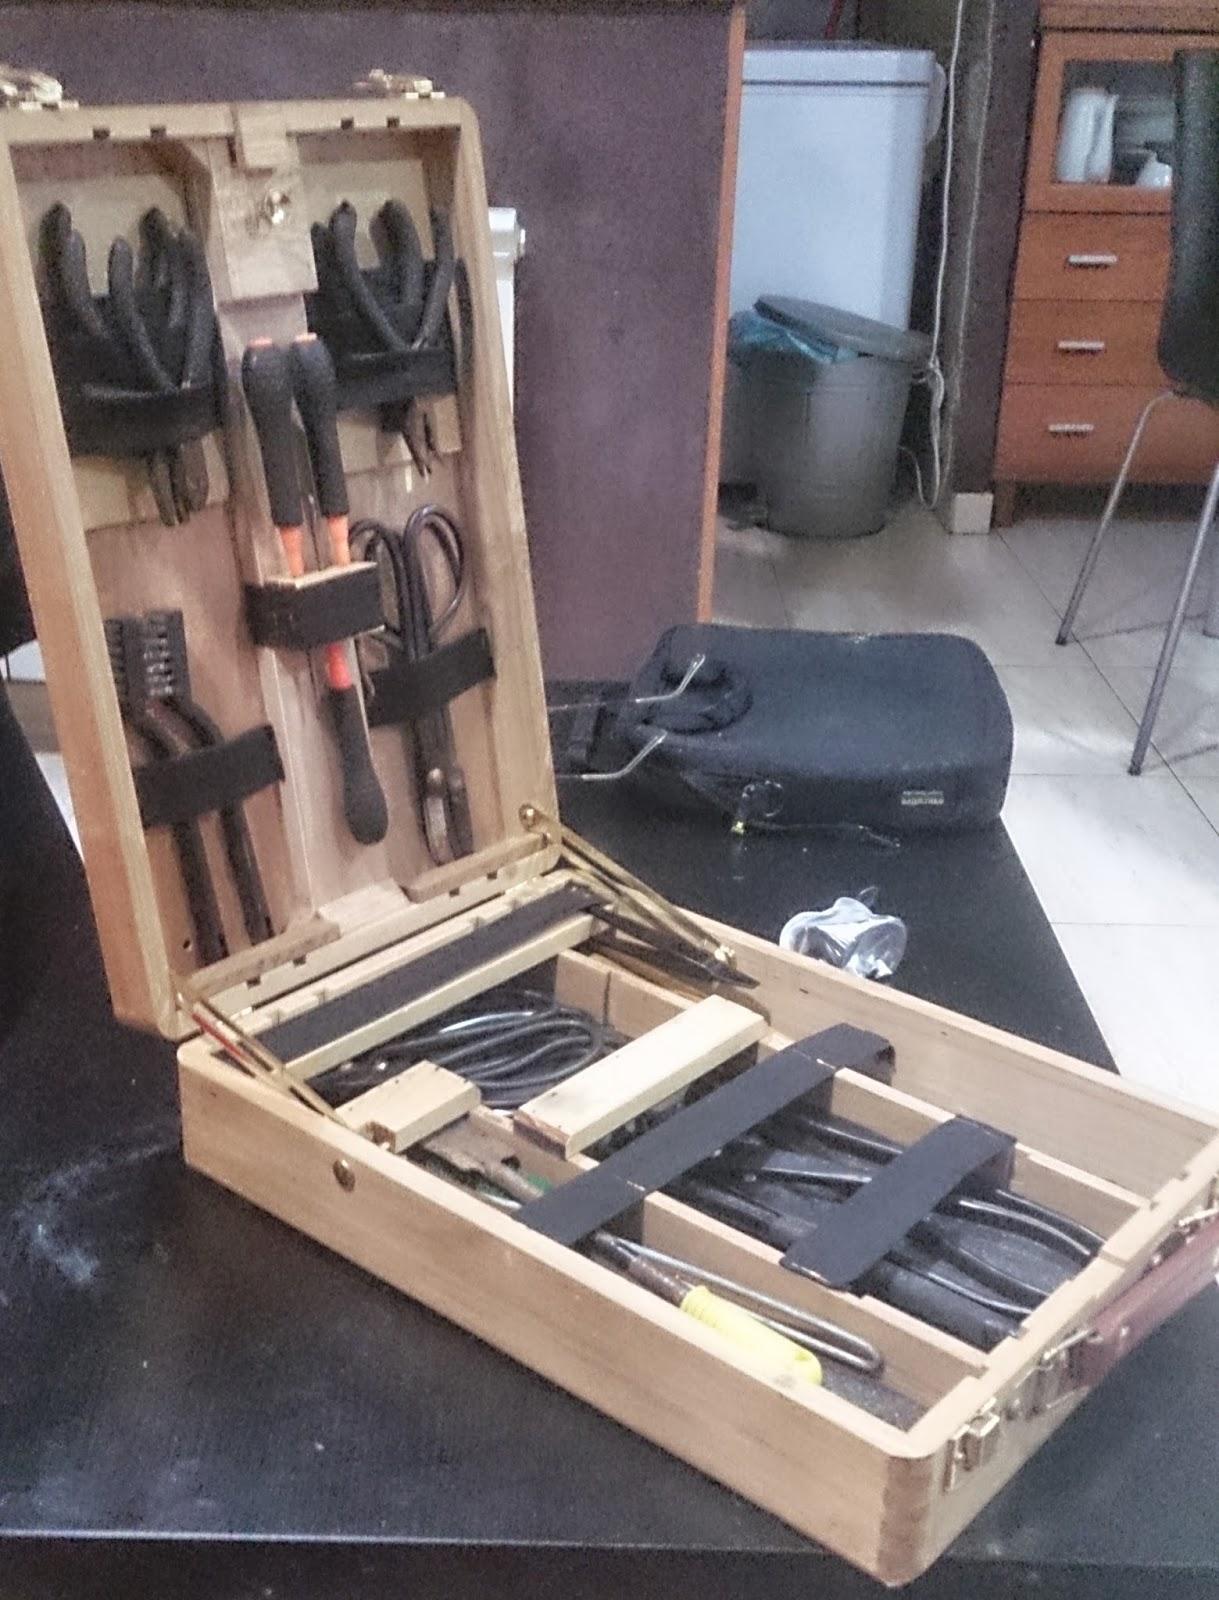 Expr sion bons i la caja de herramientas i for Bricolaje casero